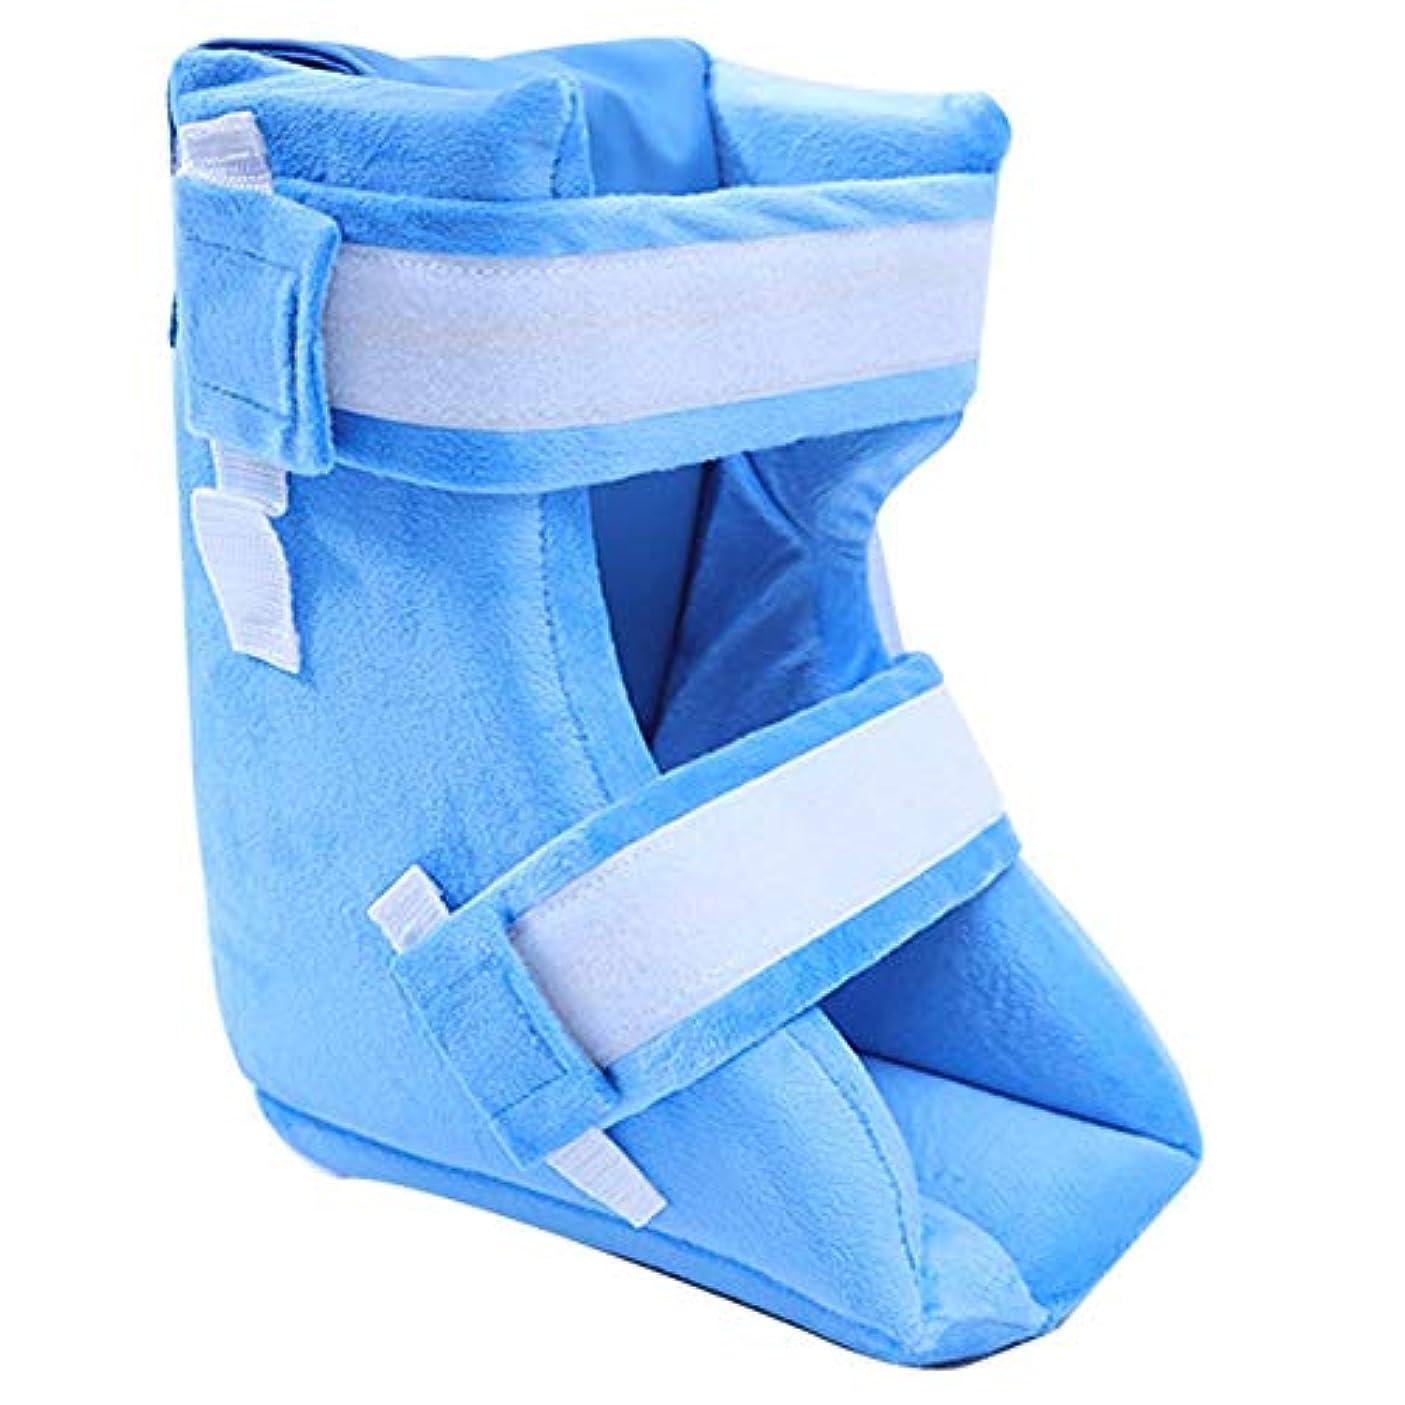 逃れる広告主レーニン主義反褥瘡のかかとの保護材のクッション、足首サポート枕フットプロテクション、ライトブルー、13.77×9.84インチ,1Pcs